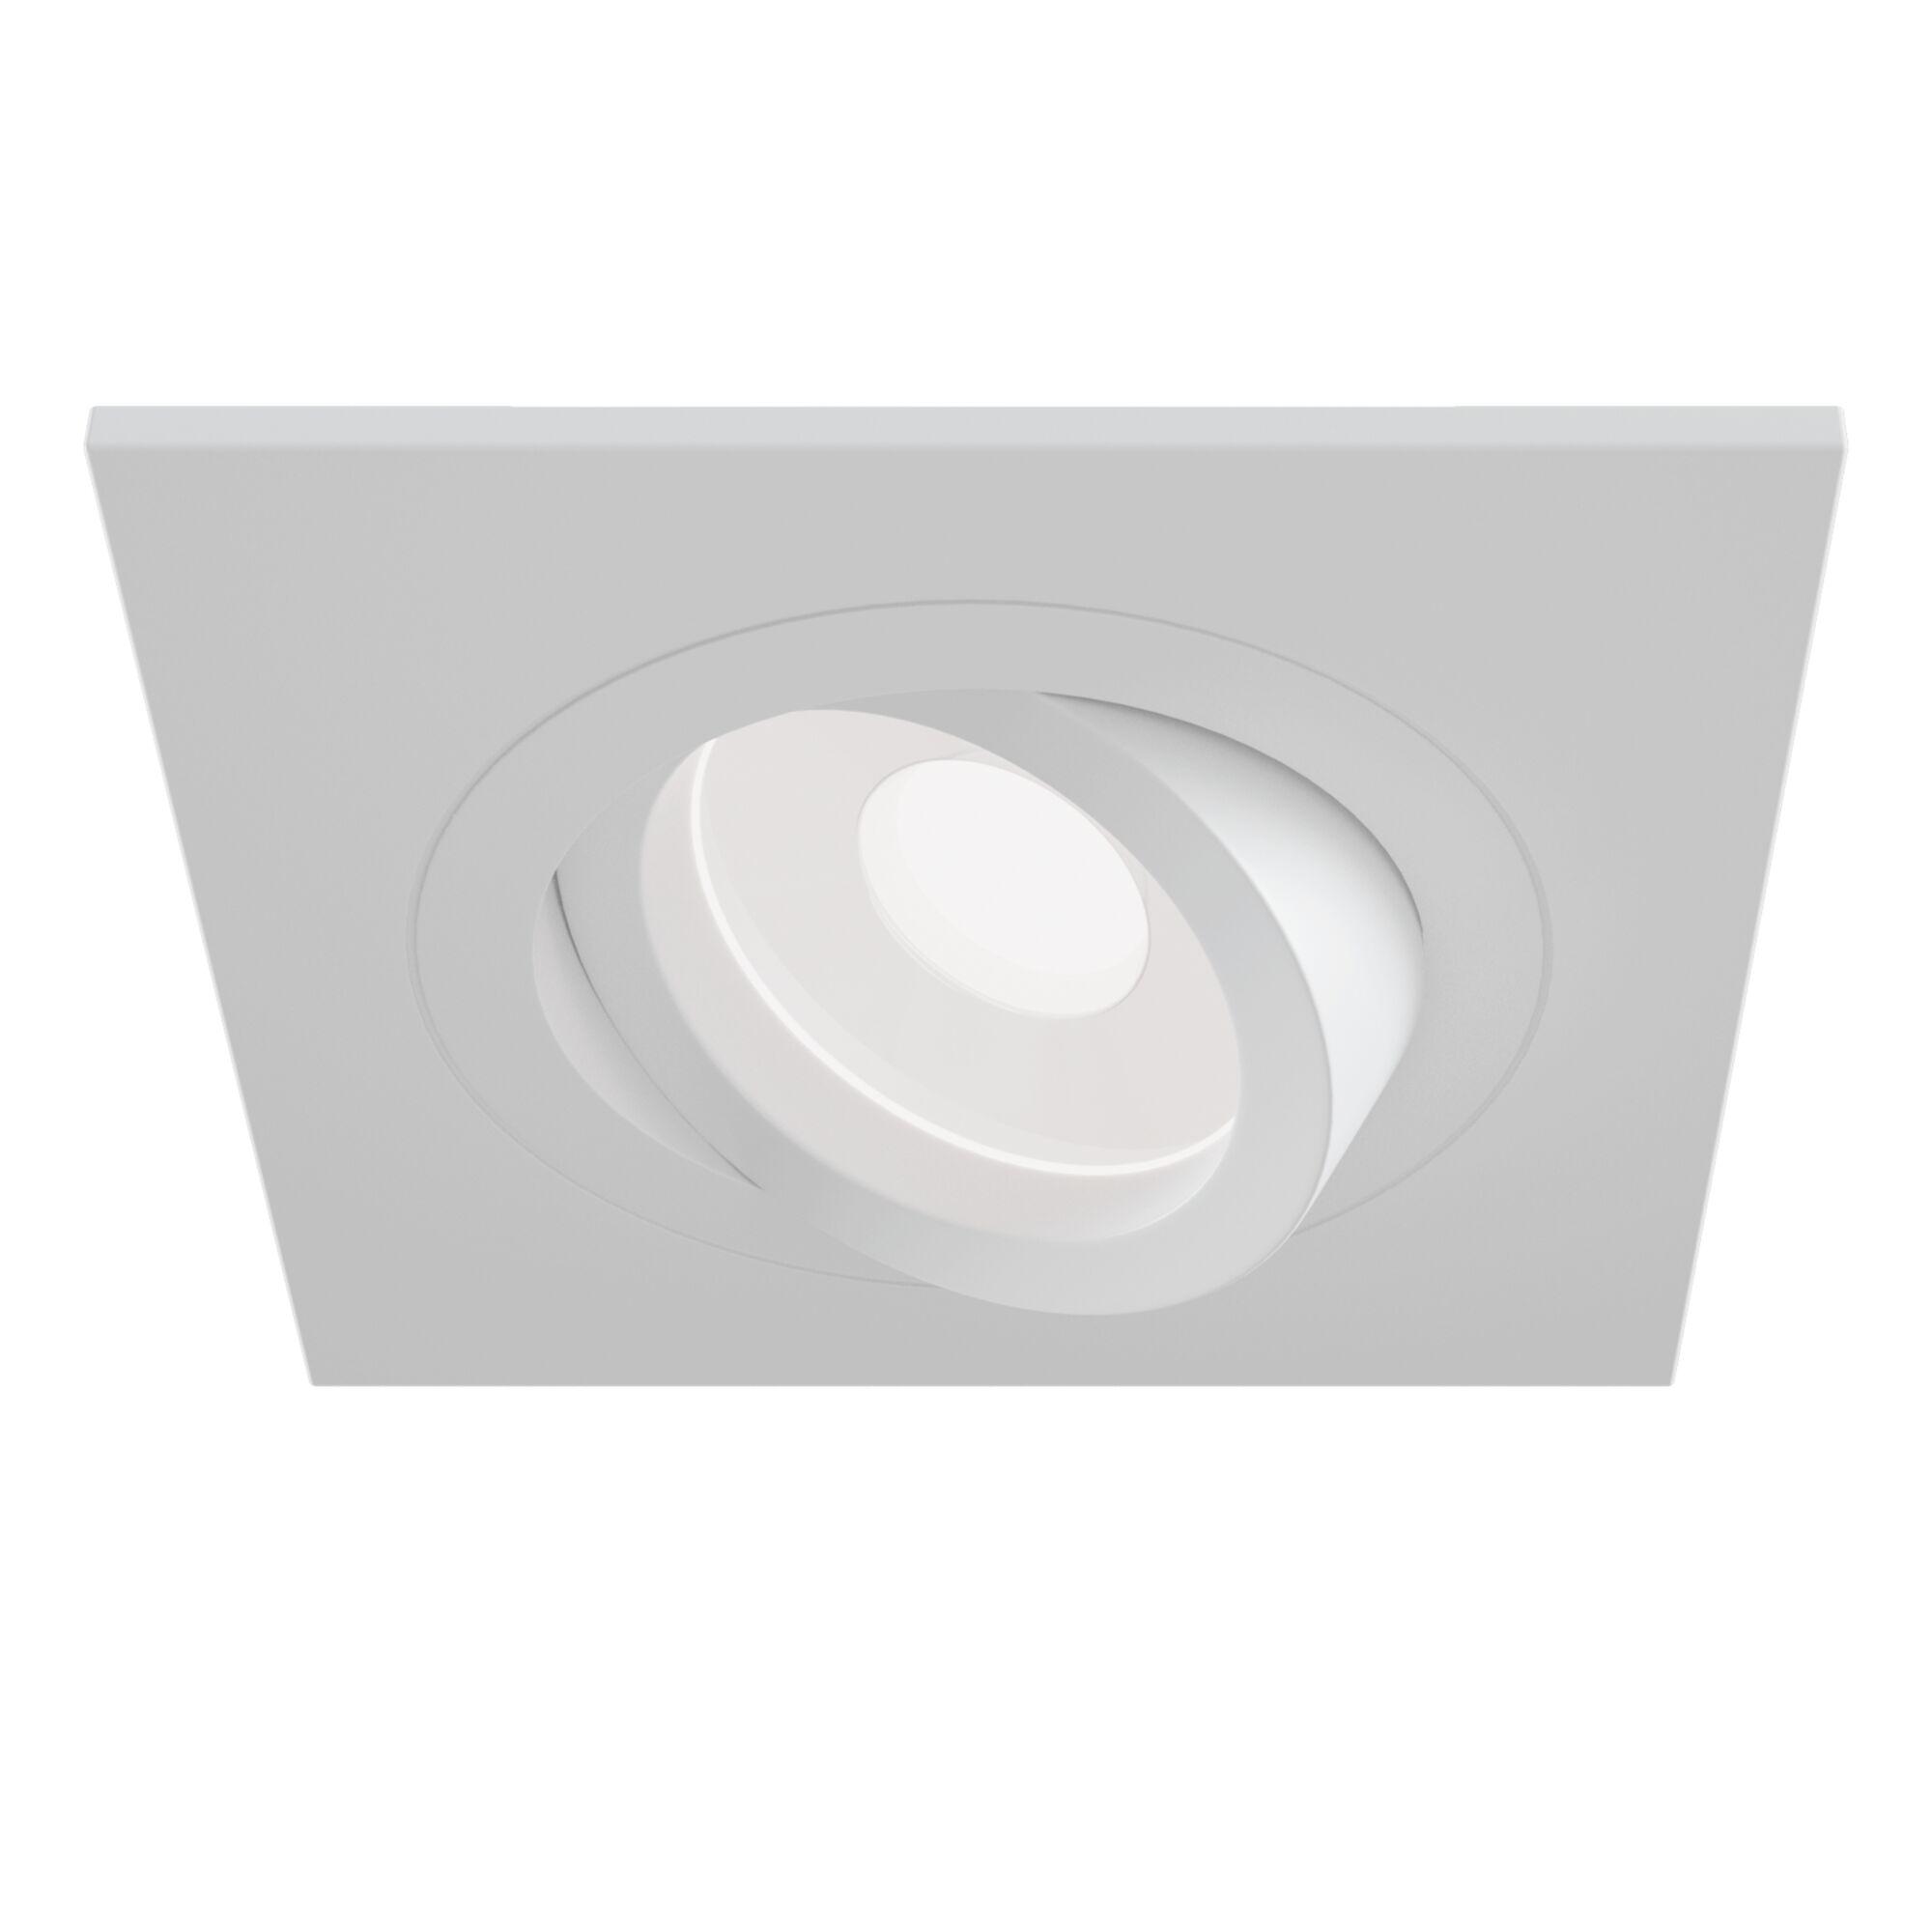 Встраиваемый светильник Maytoni DL024-2-01W недорого